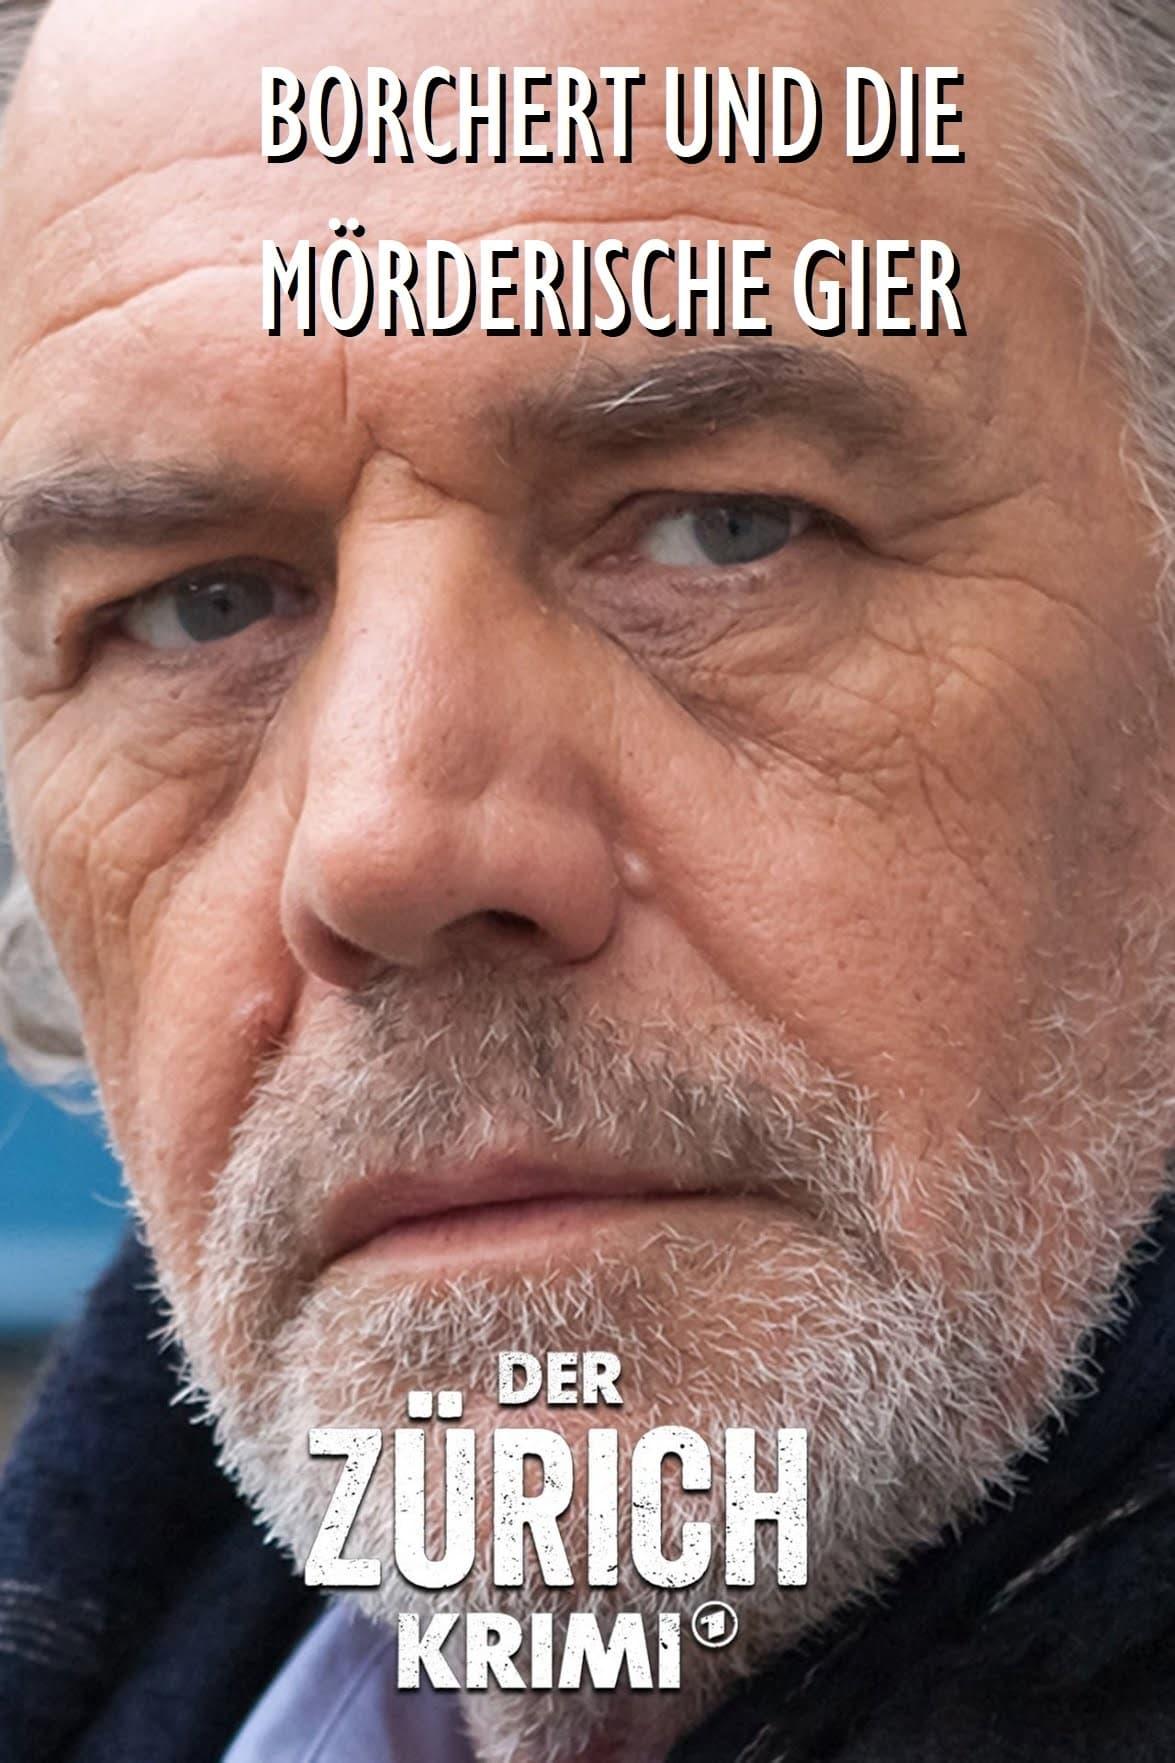 Der Zürich-Krimi: Borchert und die mörderische Gier